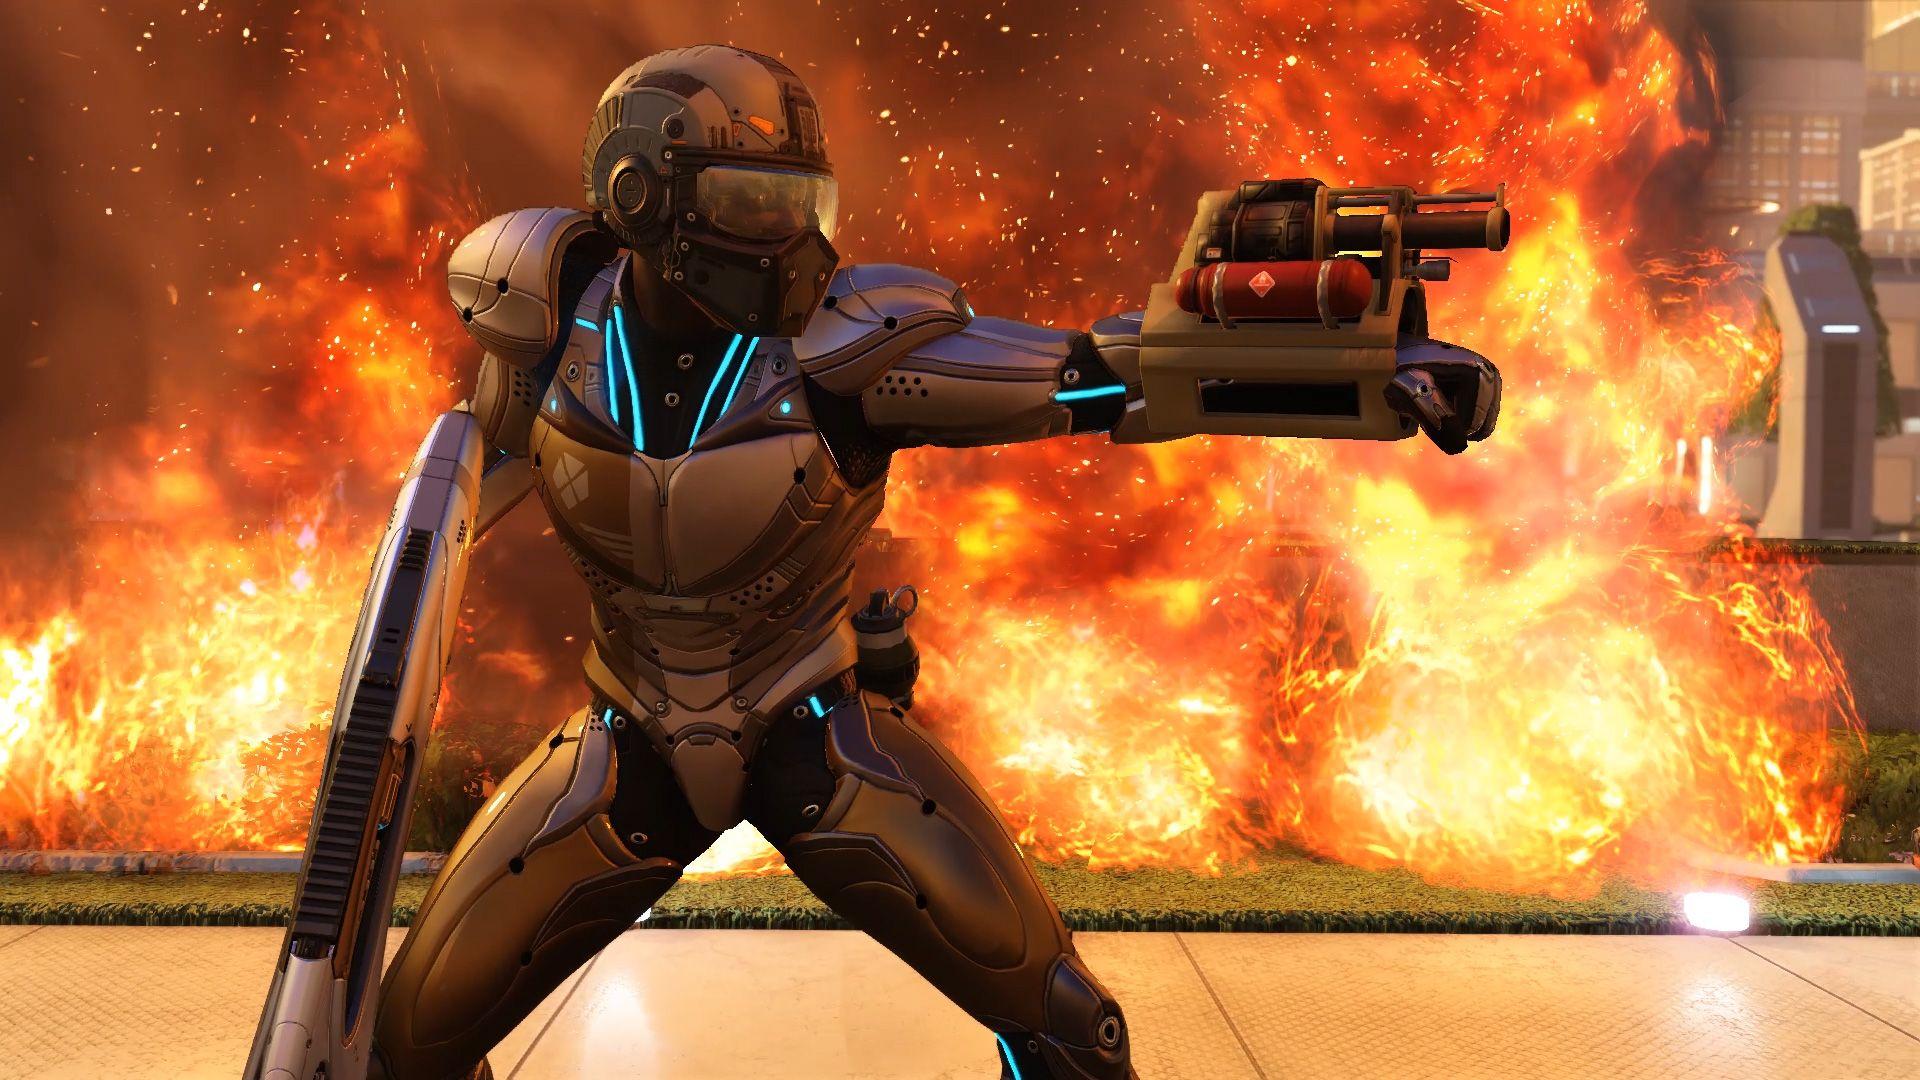 XCOM 2: Long War 2 Mod Adds New Technical Class on P